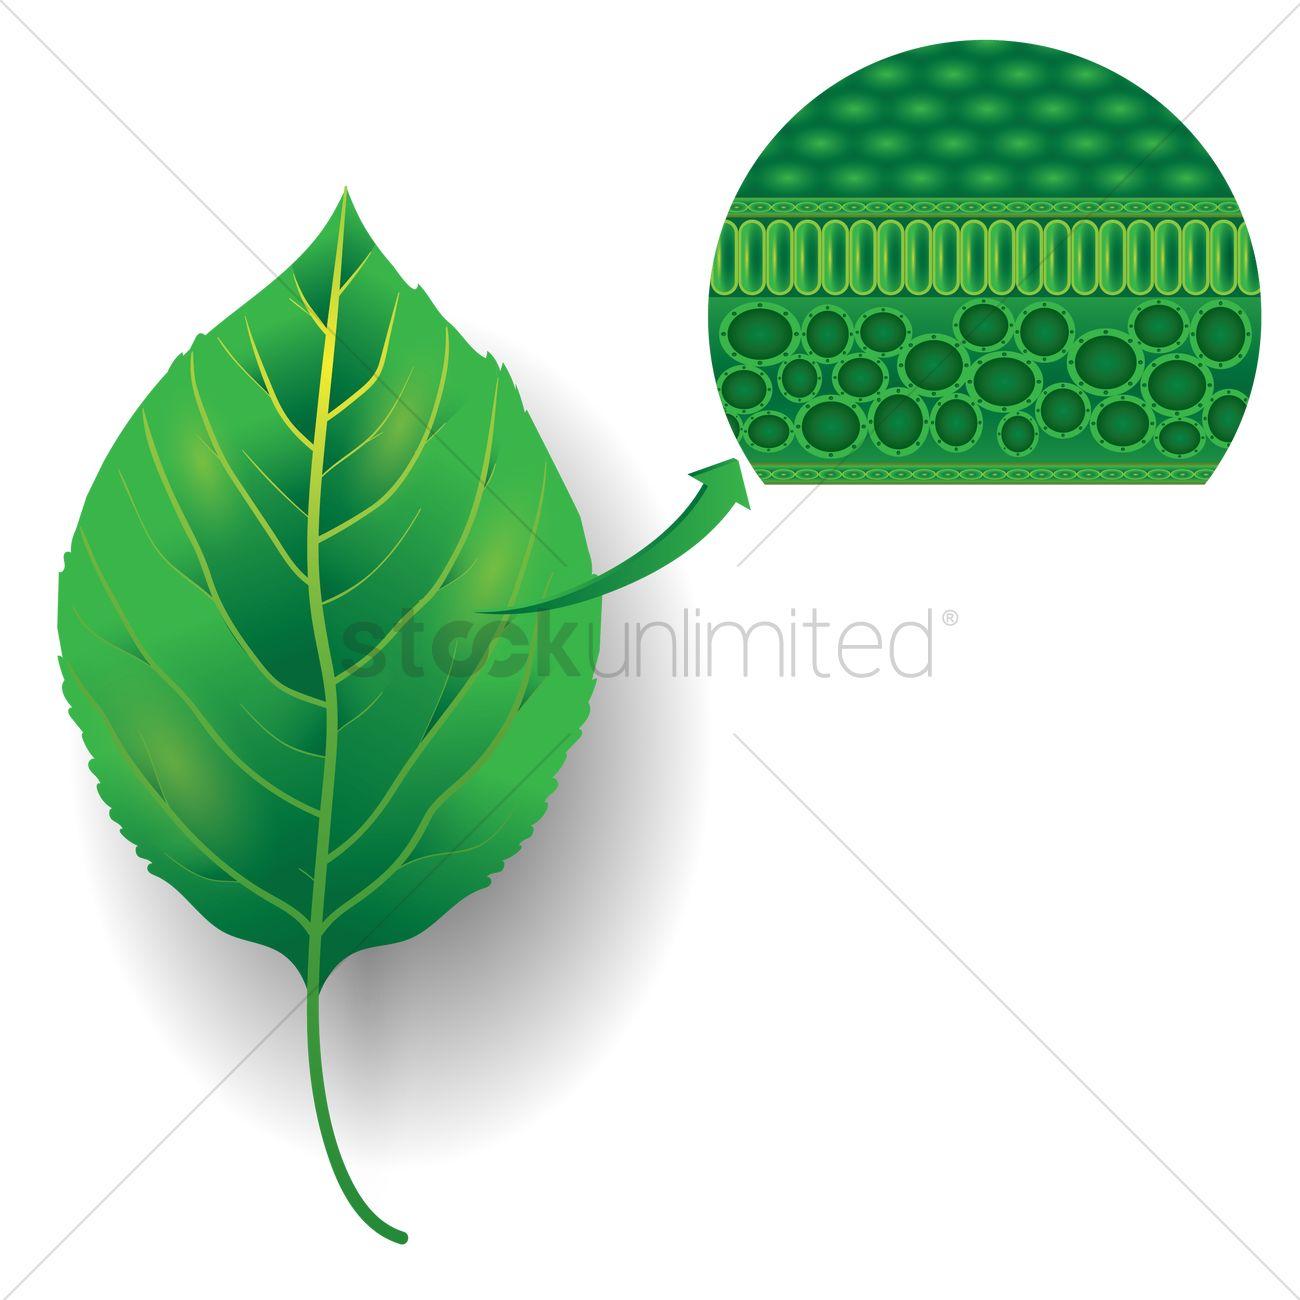 Leaf chlorophyll Vector Image - 1870117 | StockUnlimited